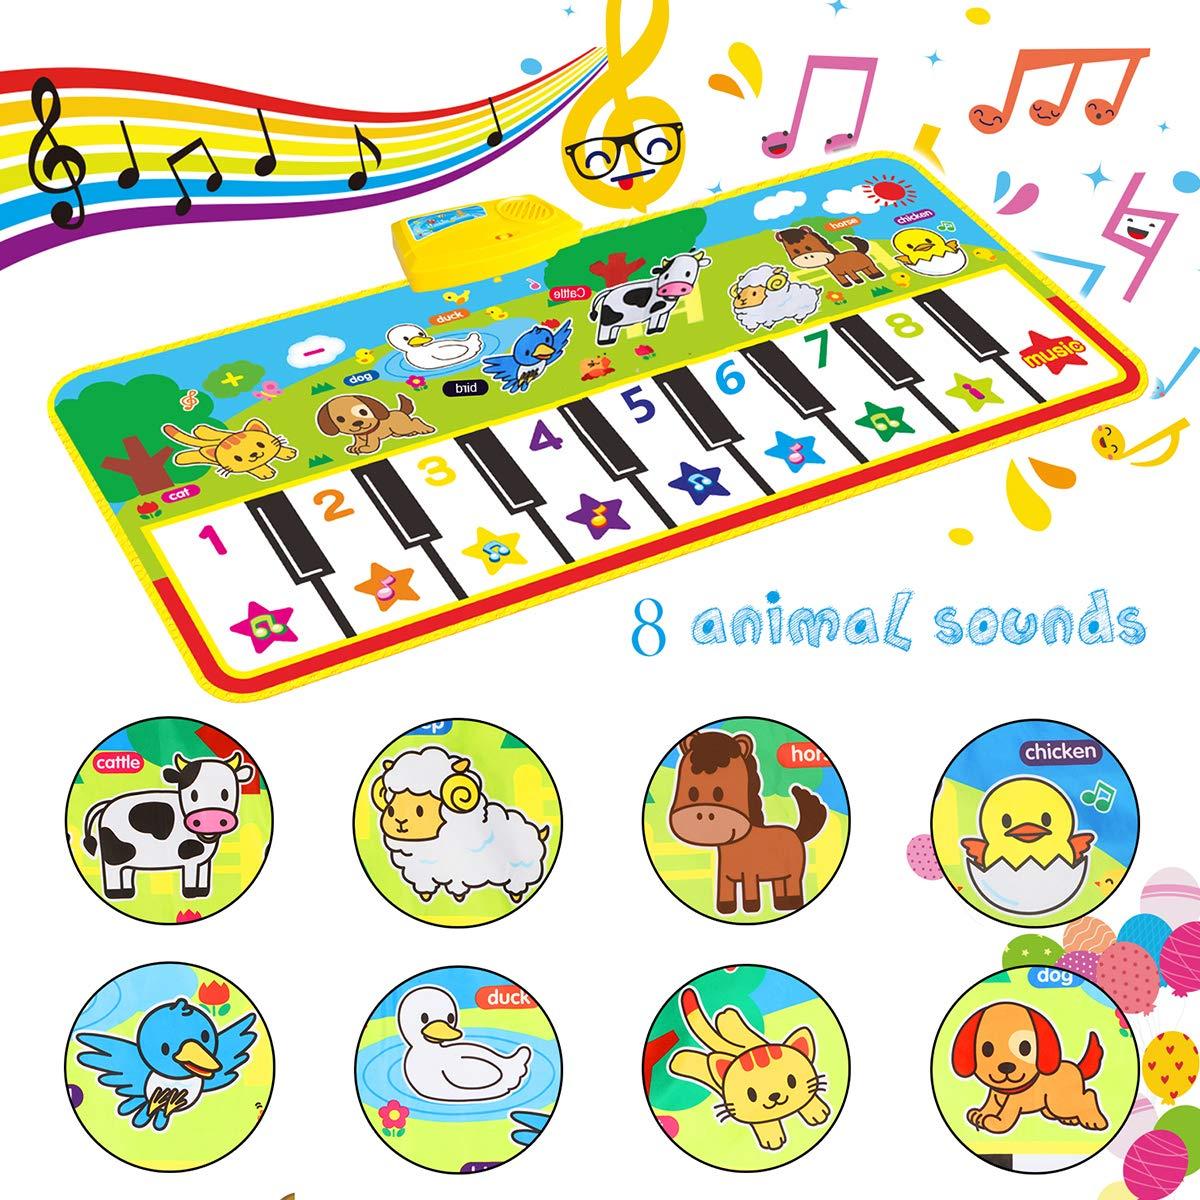 Alfombra para piano Alfombra de Teclado T/áctil Musical Touch Juego Musical Port/átil Electr/ónico Educativo Musical Tapete de Piano Teclas para Beb/é Ni/ño Ni/ña Regalo